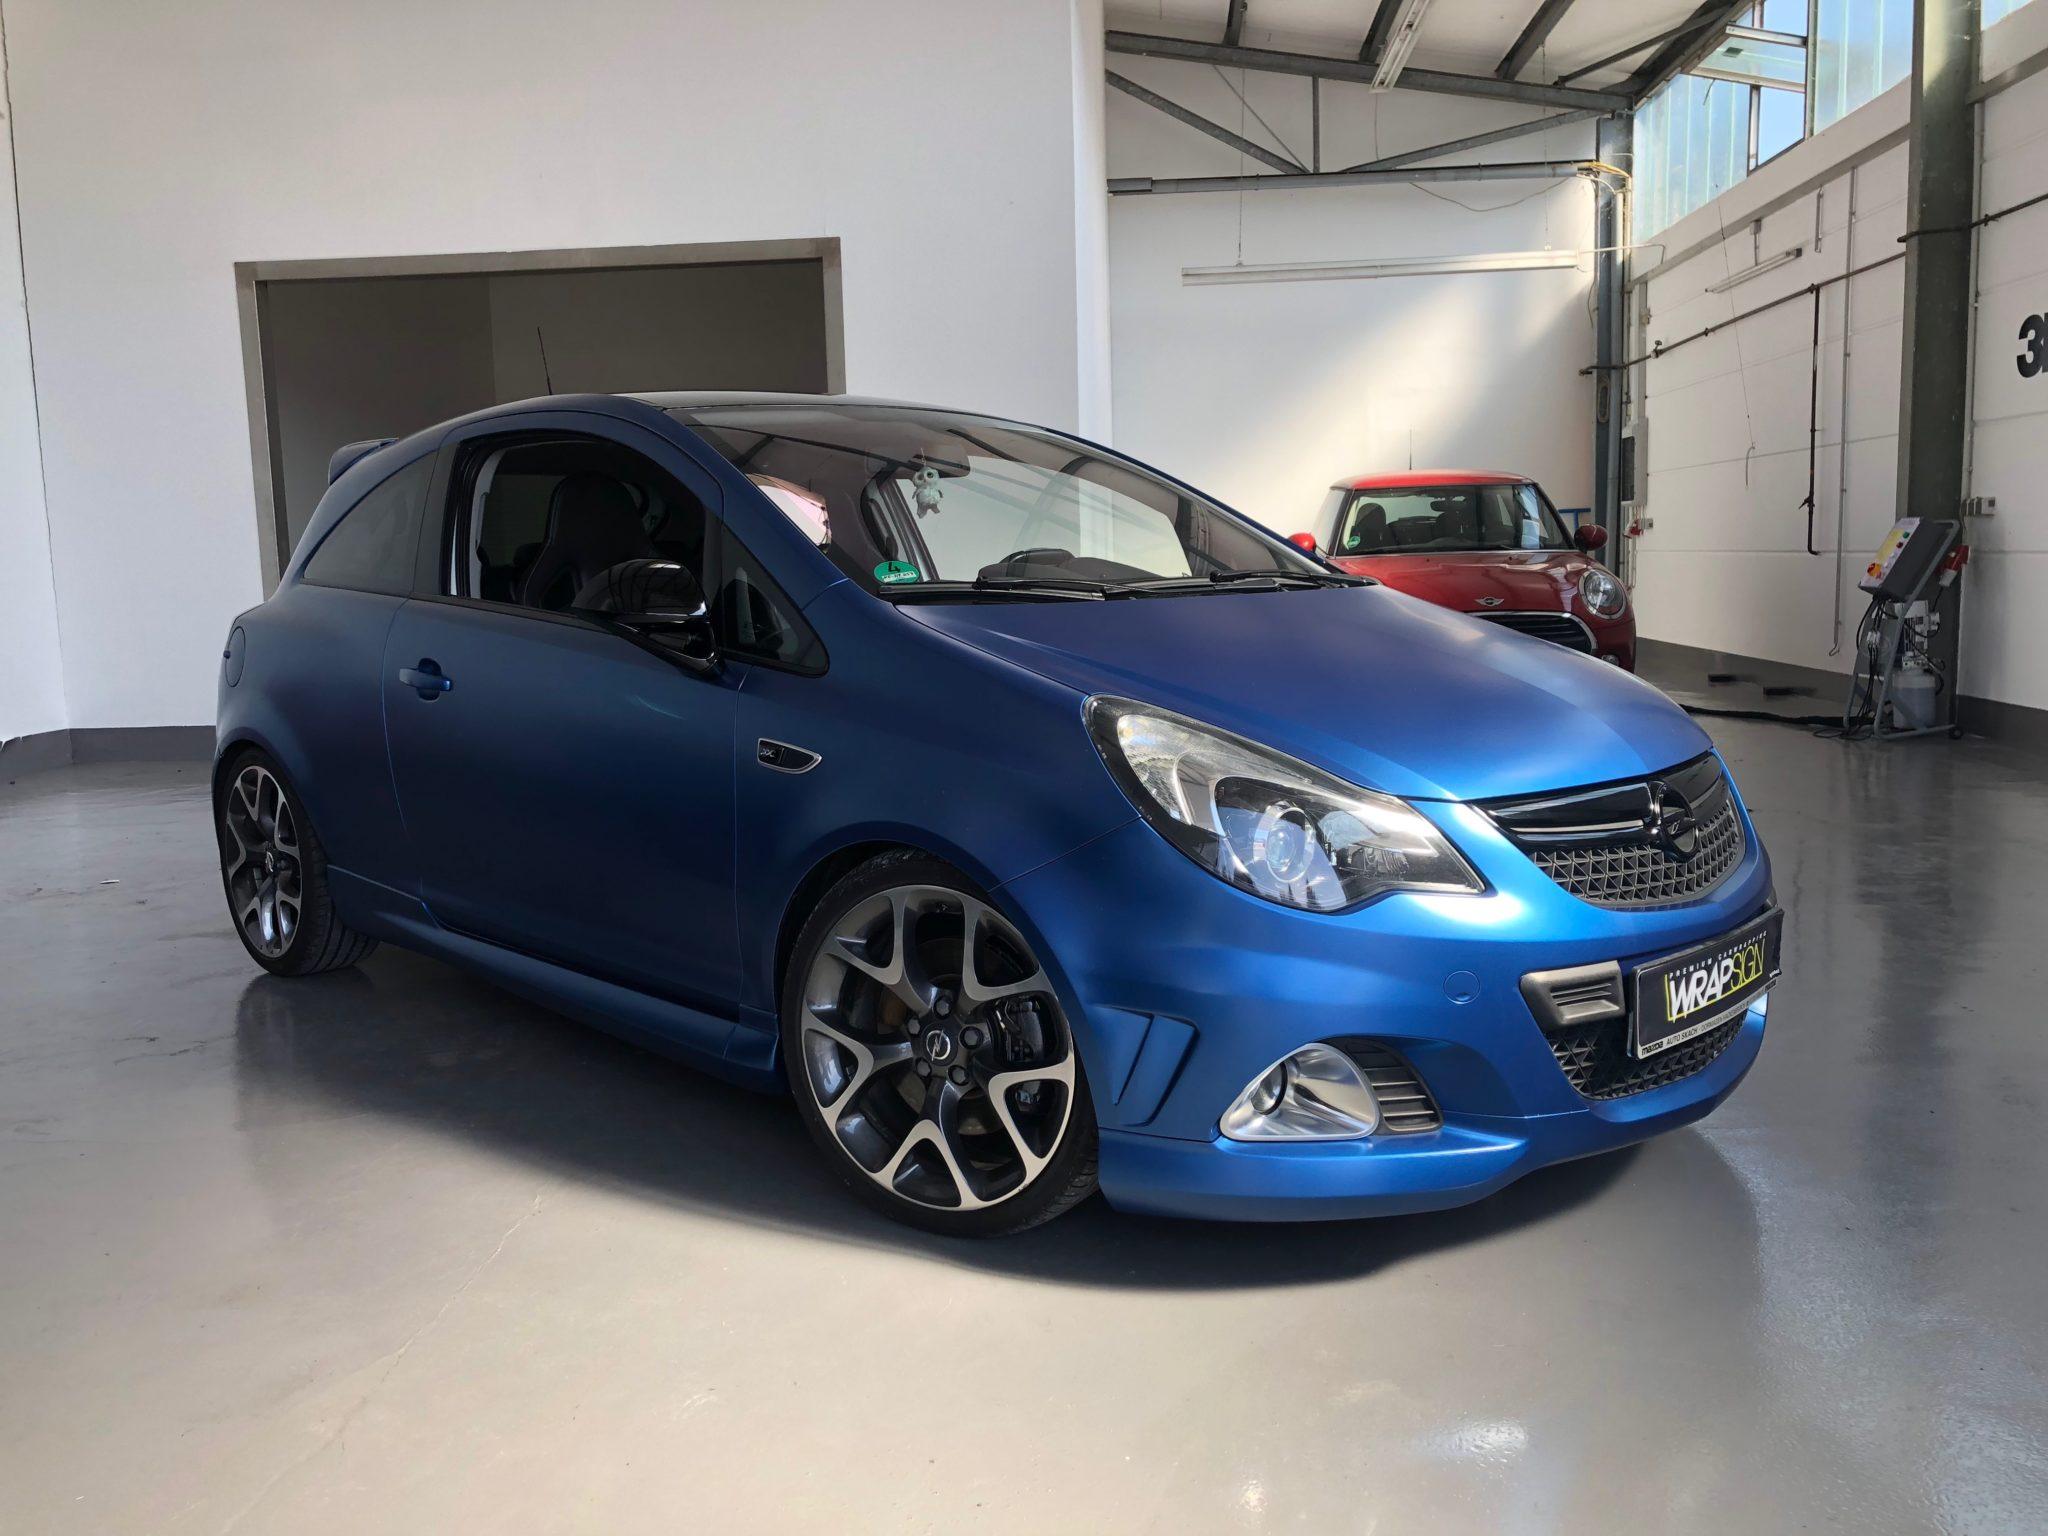 Opel Corsa OPC in Avery blau matt